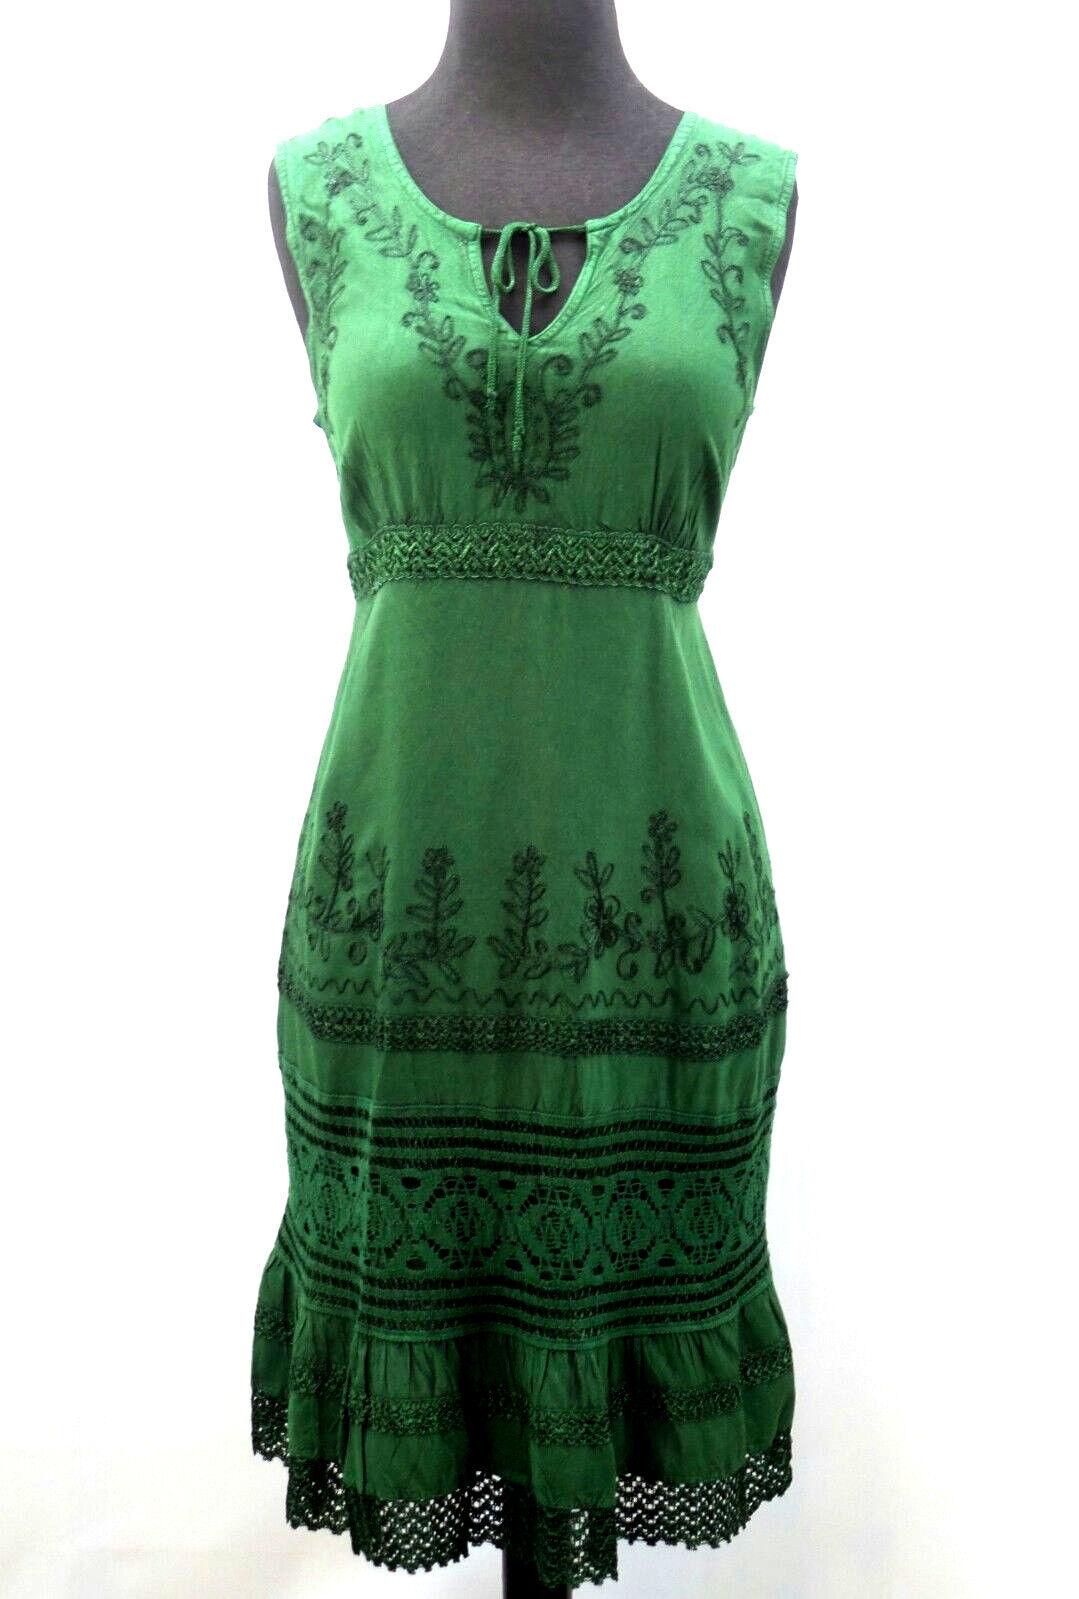 Women's Casual Hippie Sundress Green Floral Empire Waist Boho Summer Dress